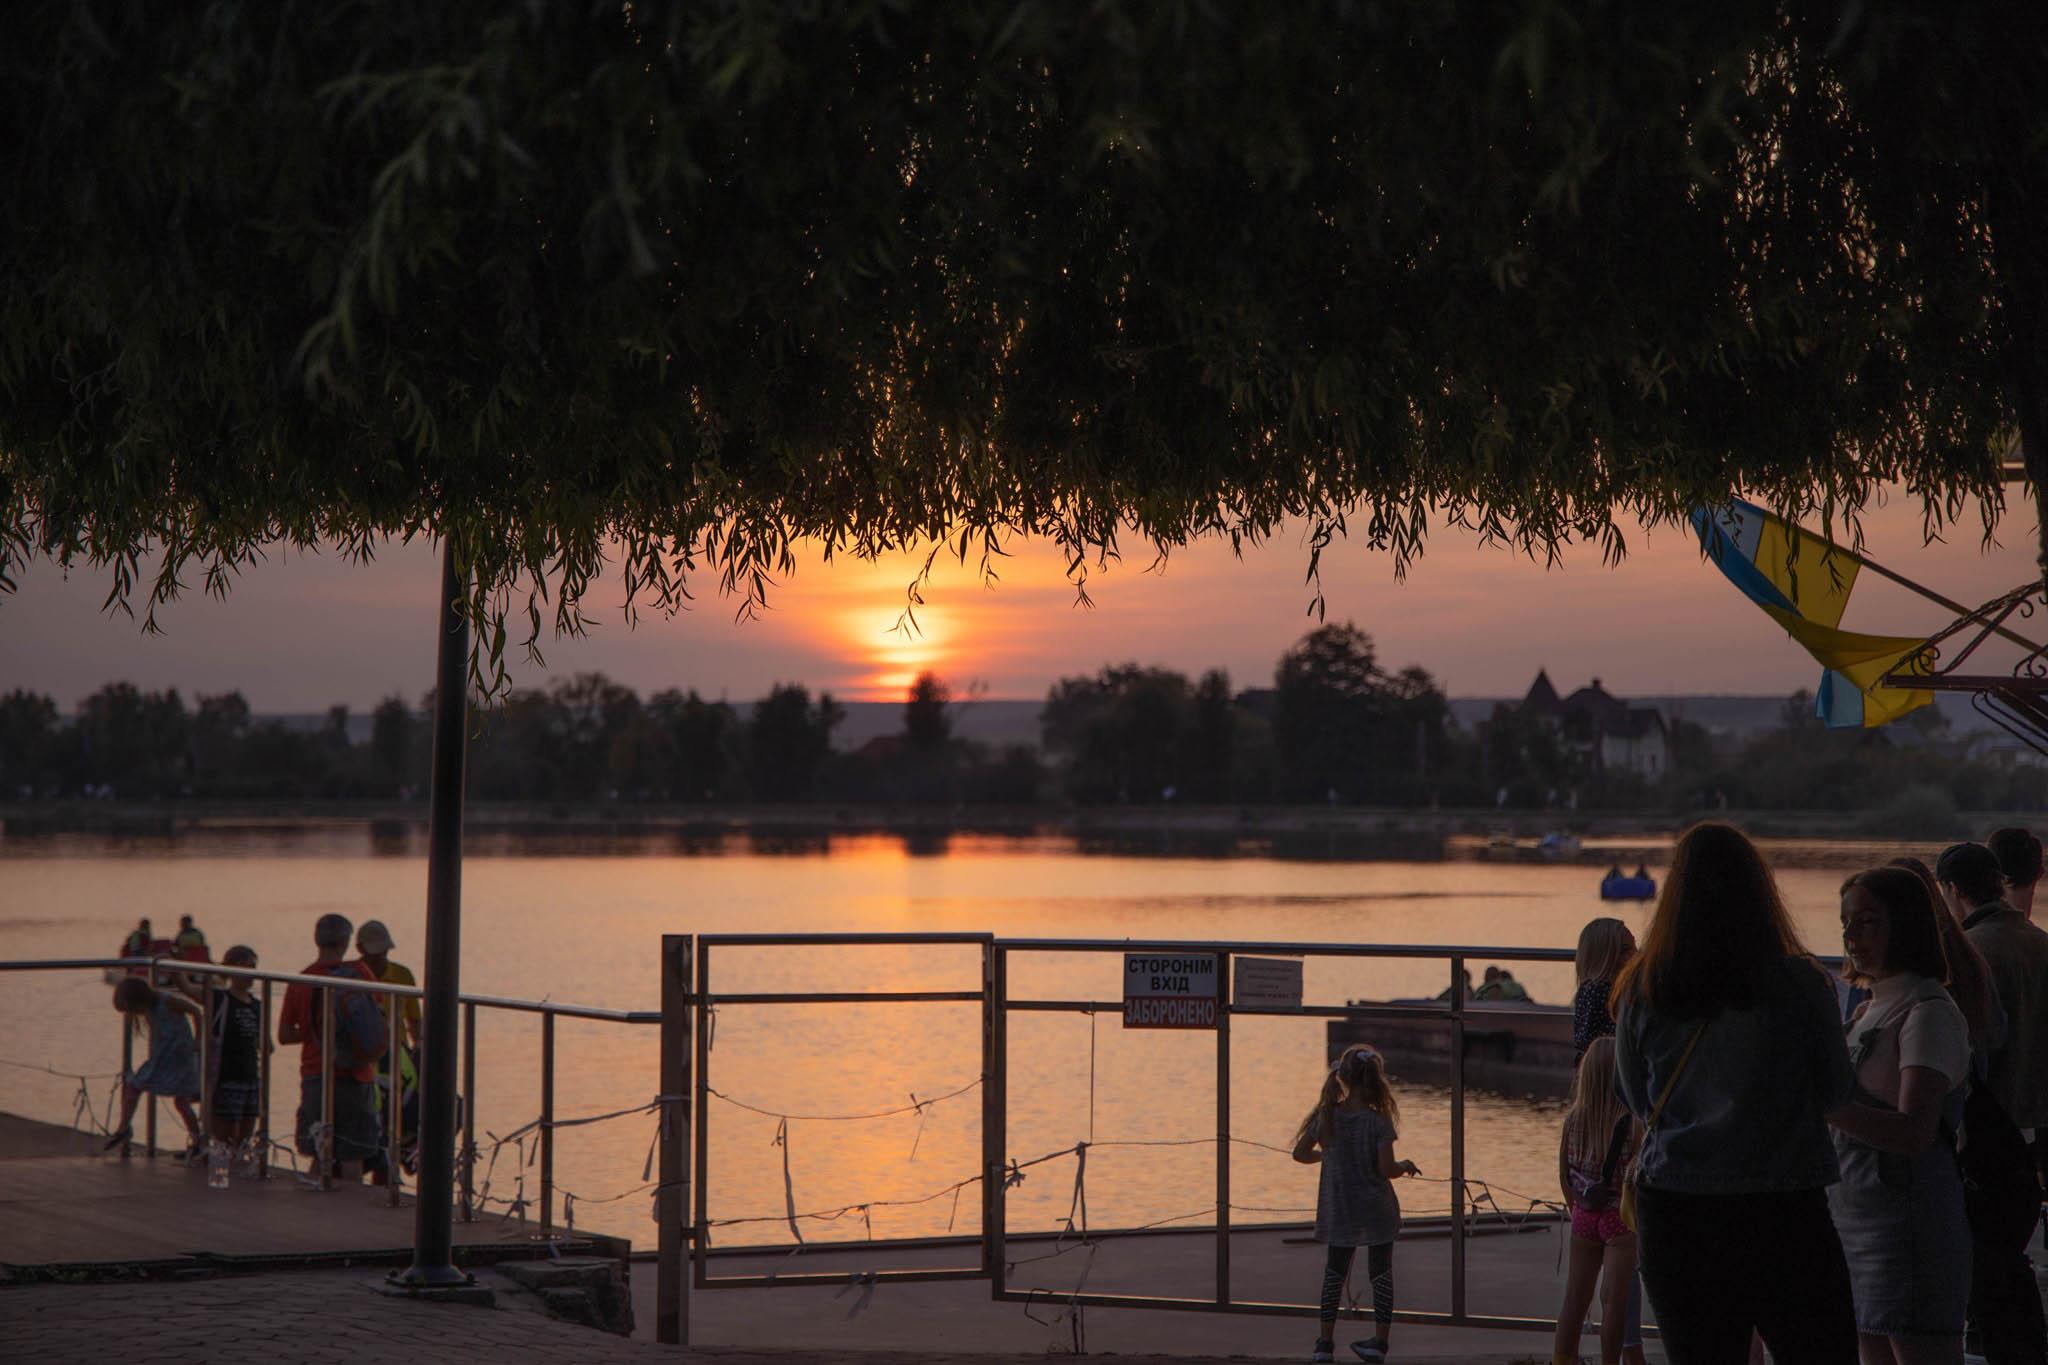 У мережі виклали світлини неймовірного заходу сонця на озері у Франківську (ФОТО)